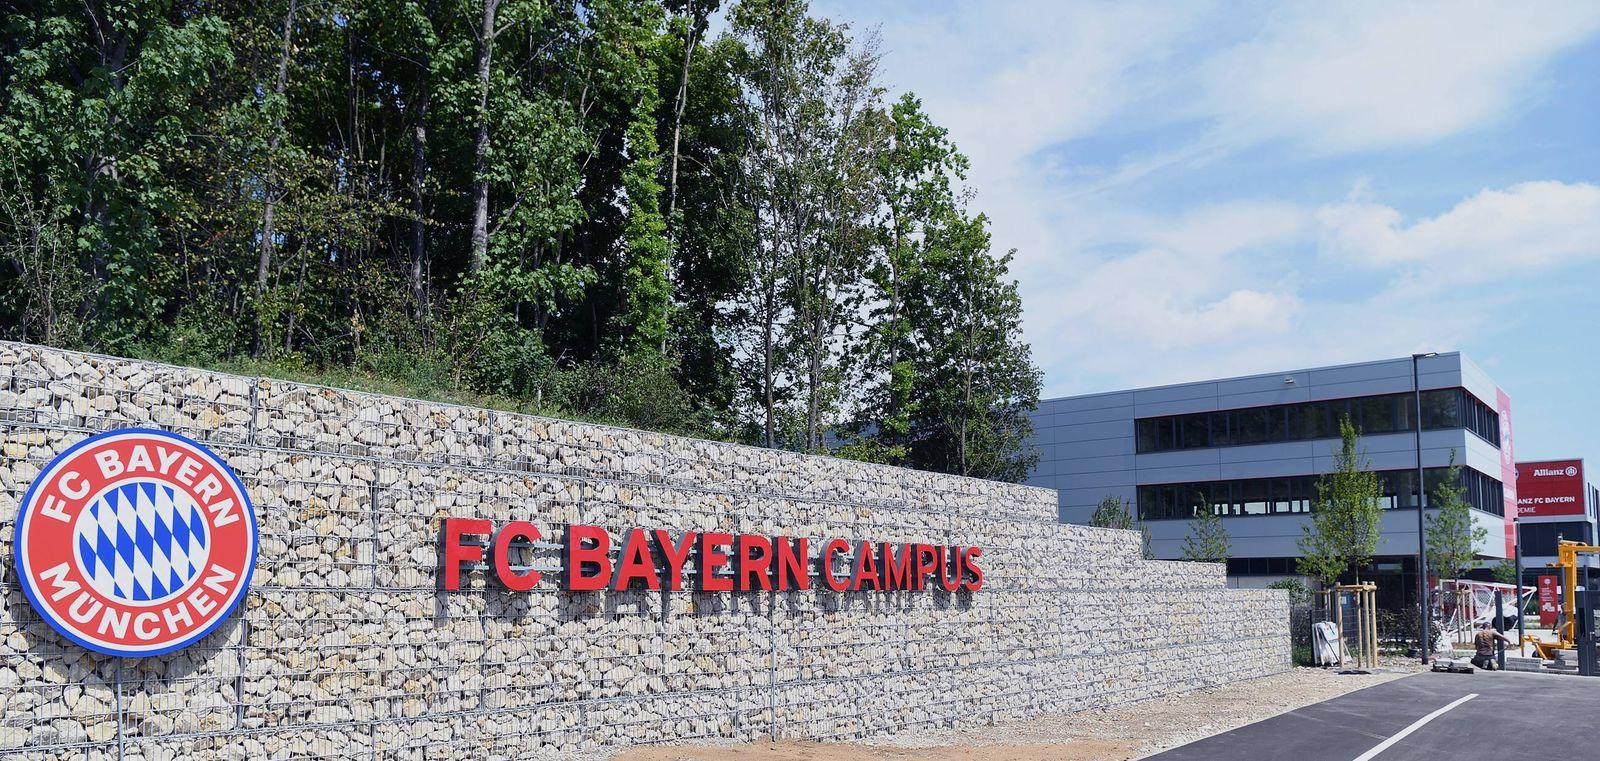 Fussball FC Bayern Muenchen Campus 02.08.2017 Aussenansicht, Schrieftzug FC Campus Muenchen PUBLICATIONxNOTxINxAUTxSUIx